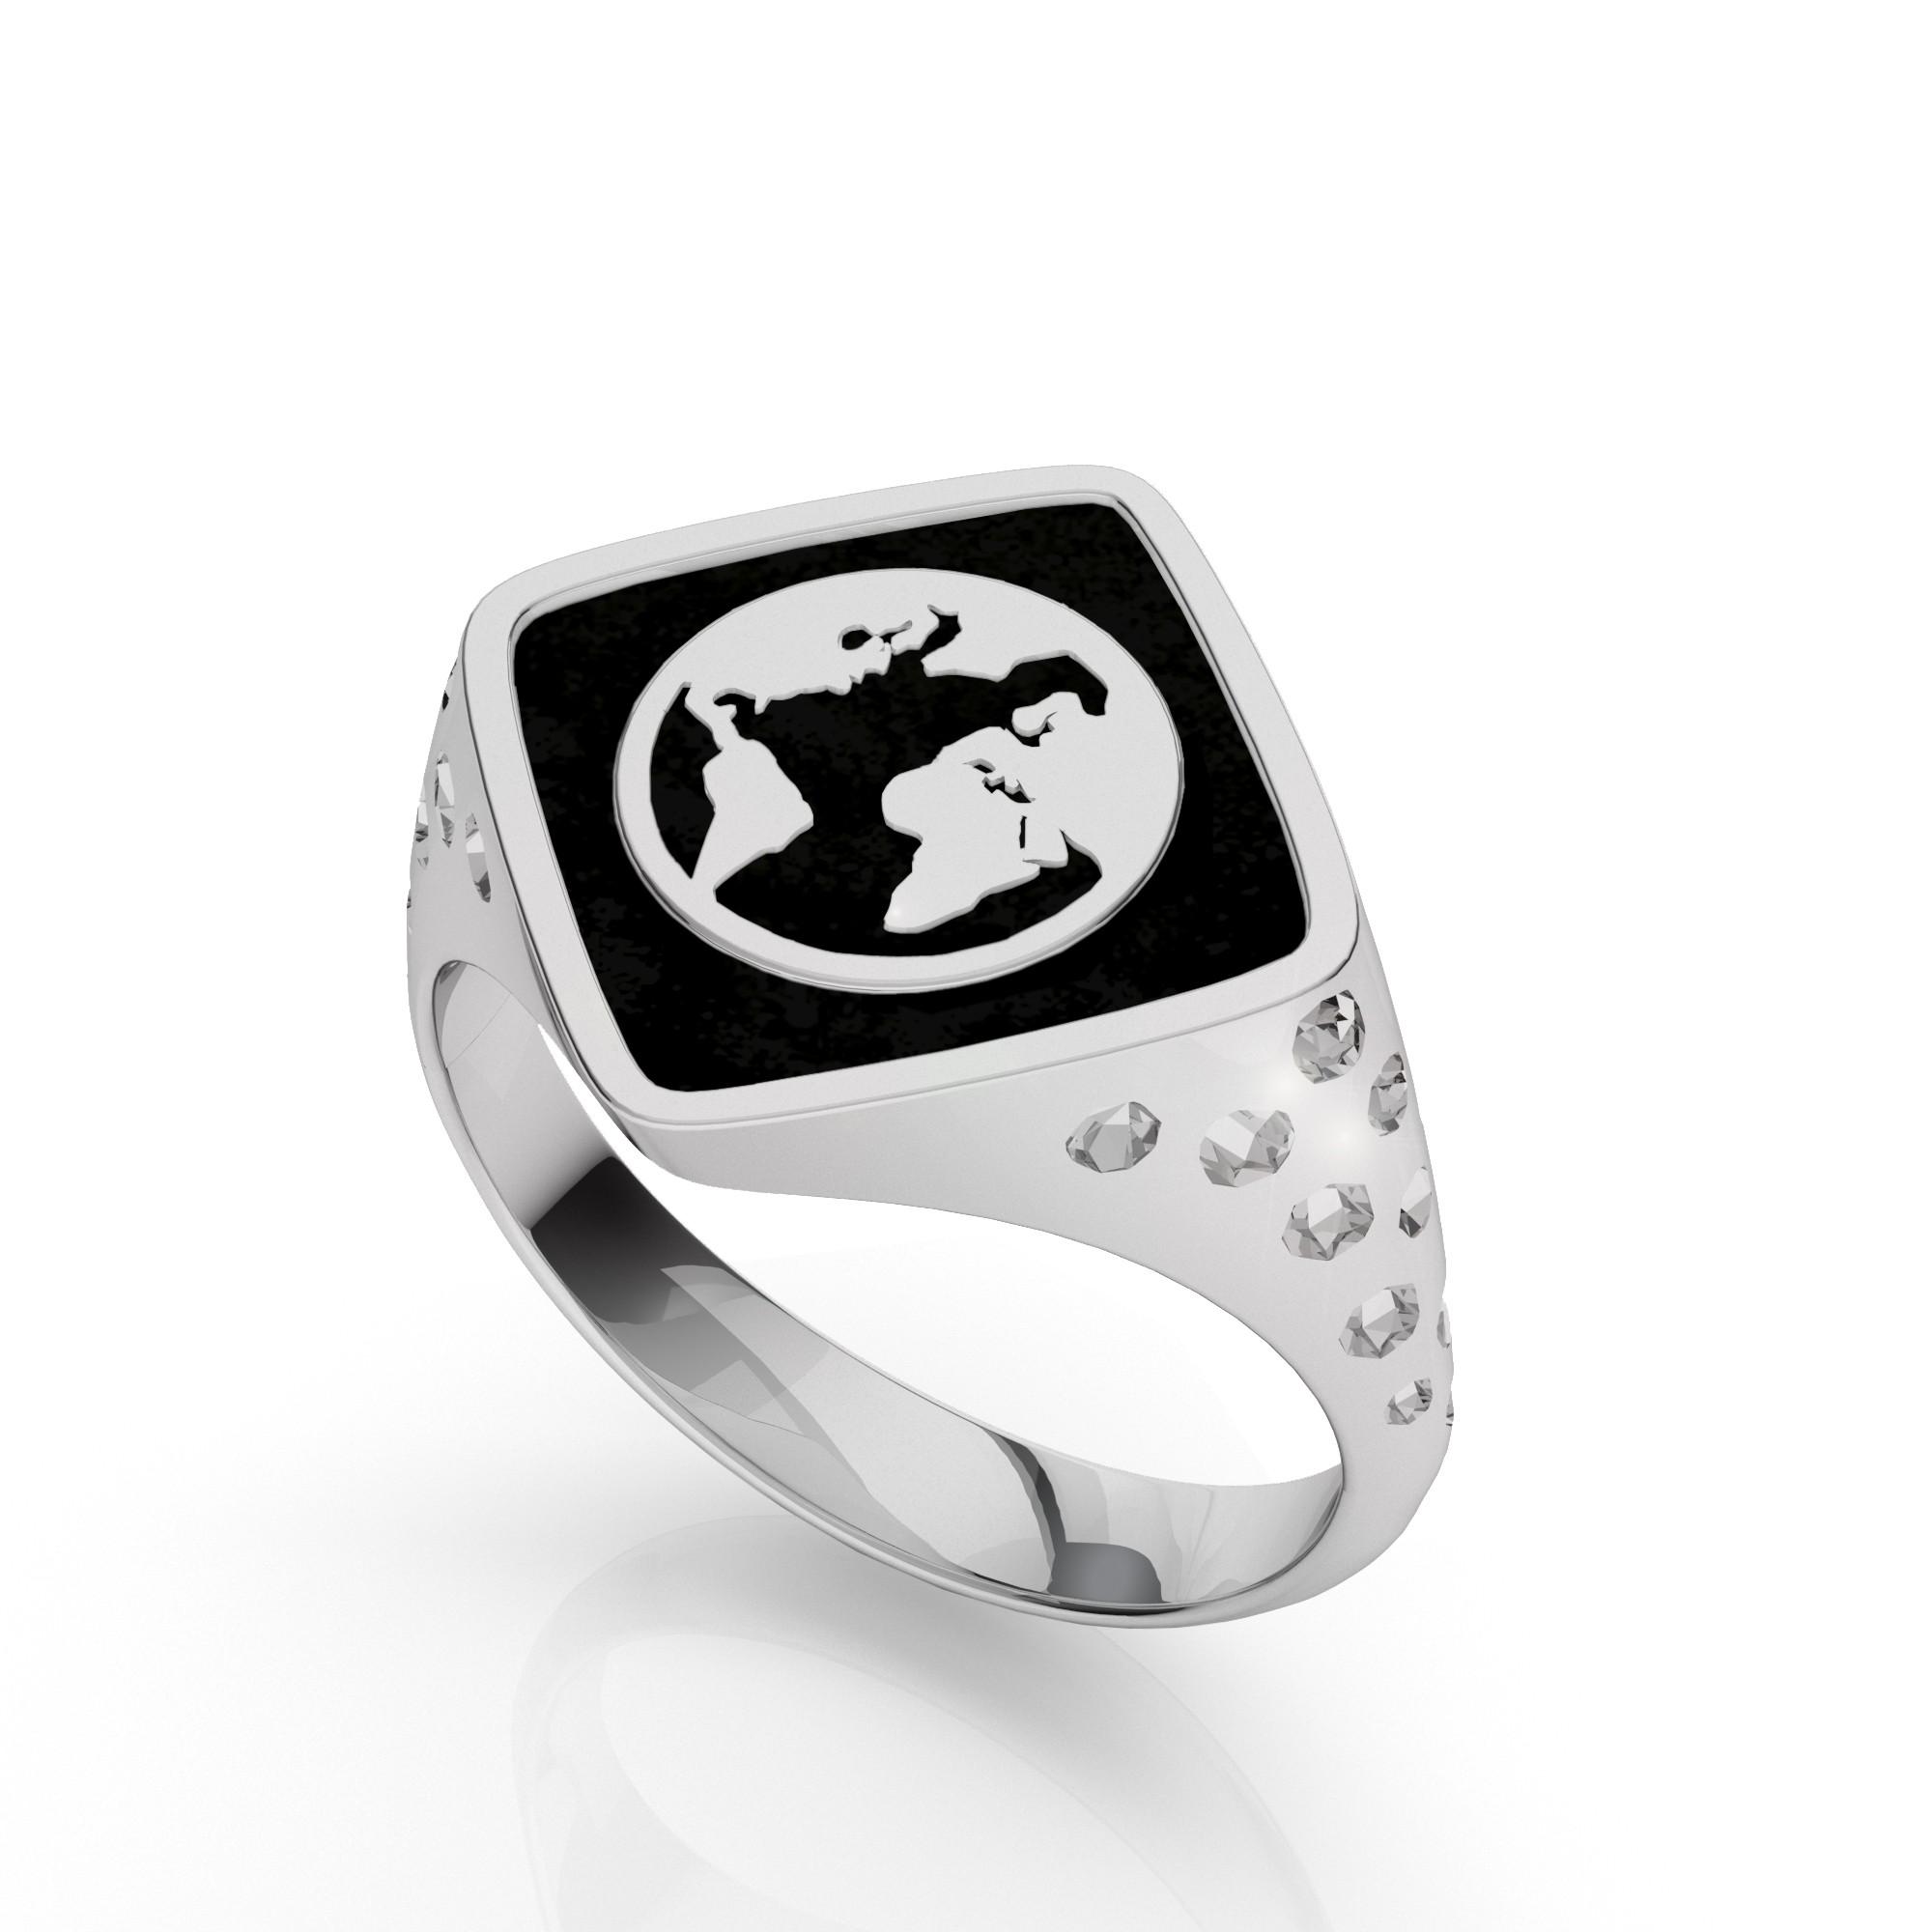 Globus ring, silber 925